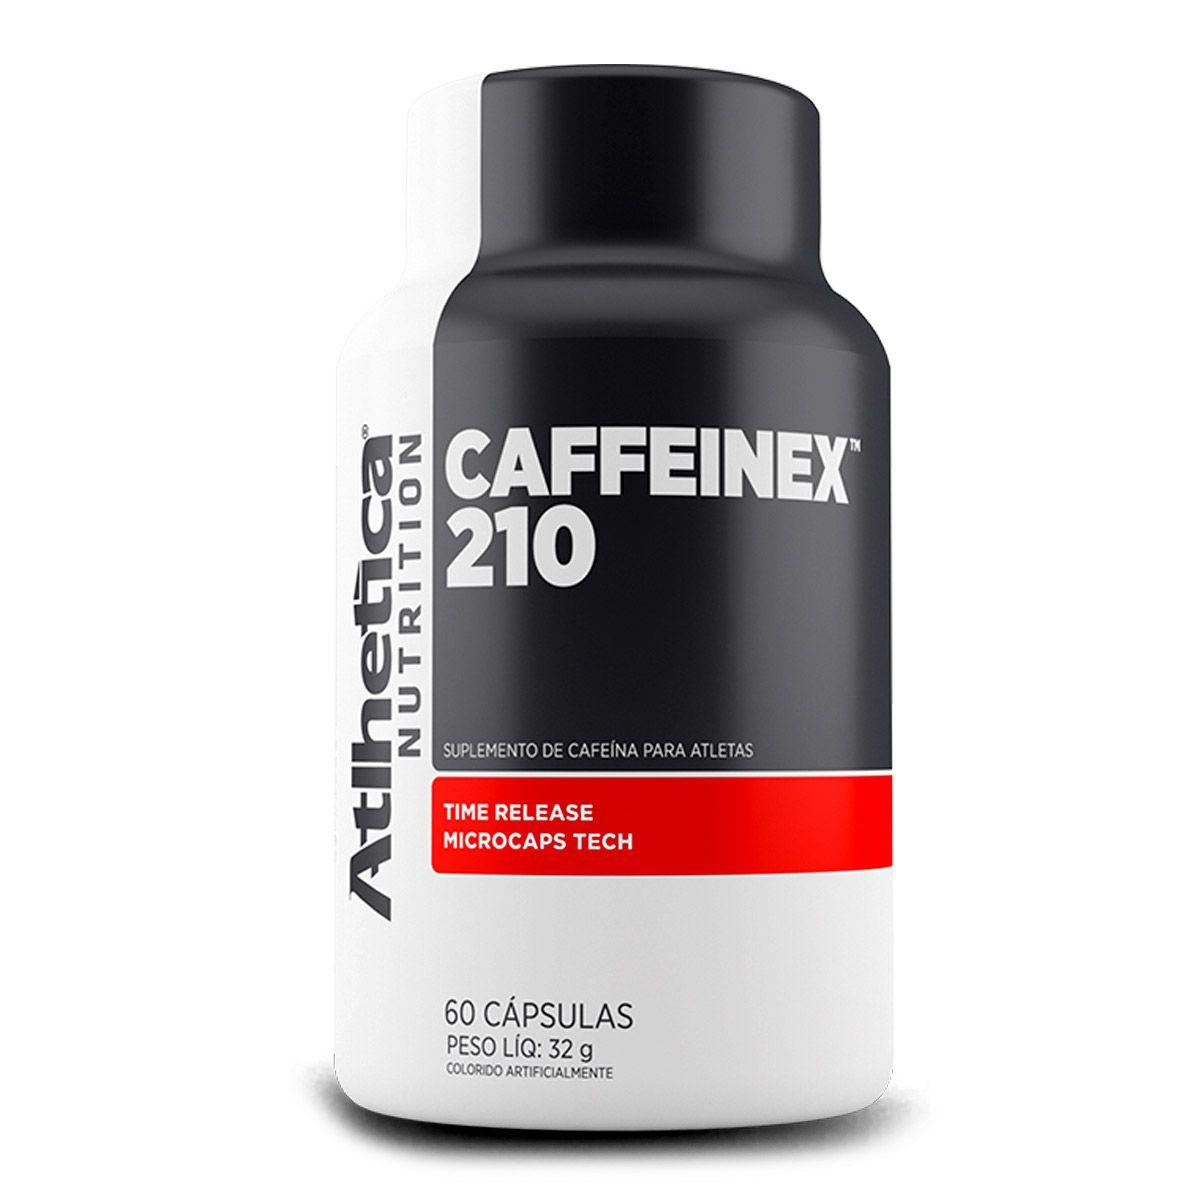 Caffeinex - Cafeina 210mg - 60 Capsulas